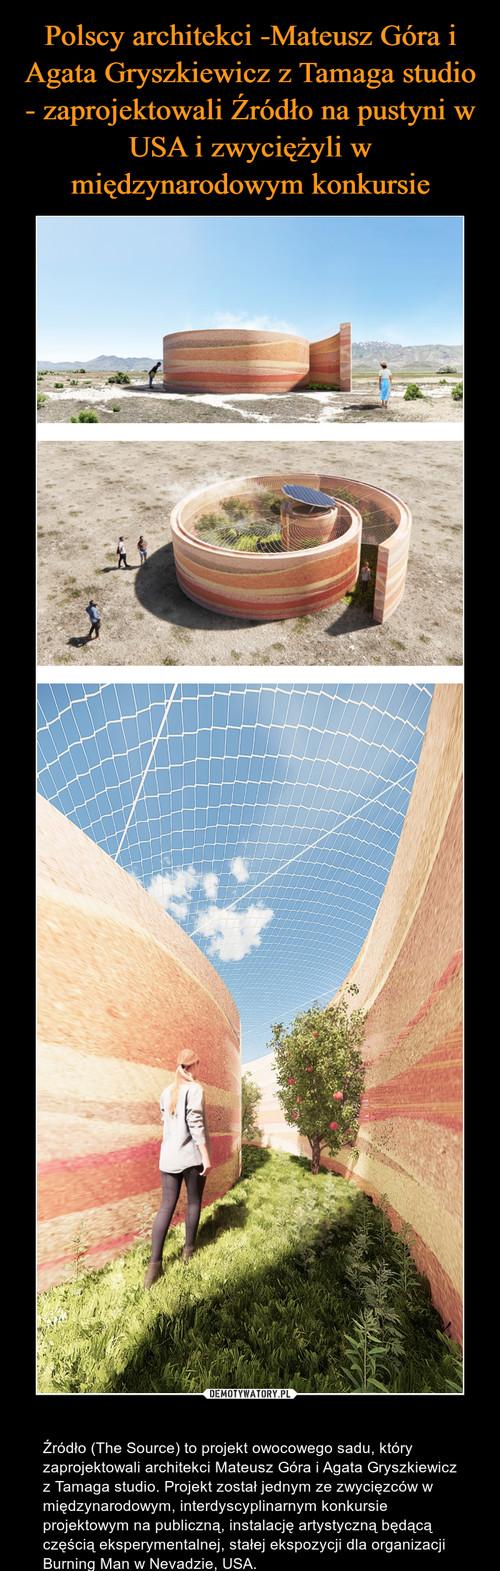 Polscy architekci -Mateusz Góra i Agata Gryszkiewicz z Tamaga studio - zaprojektowali Źródło na pustyni w USA i zwyciężyli w międzynarodowym konkursie